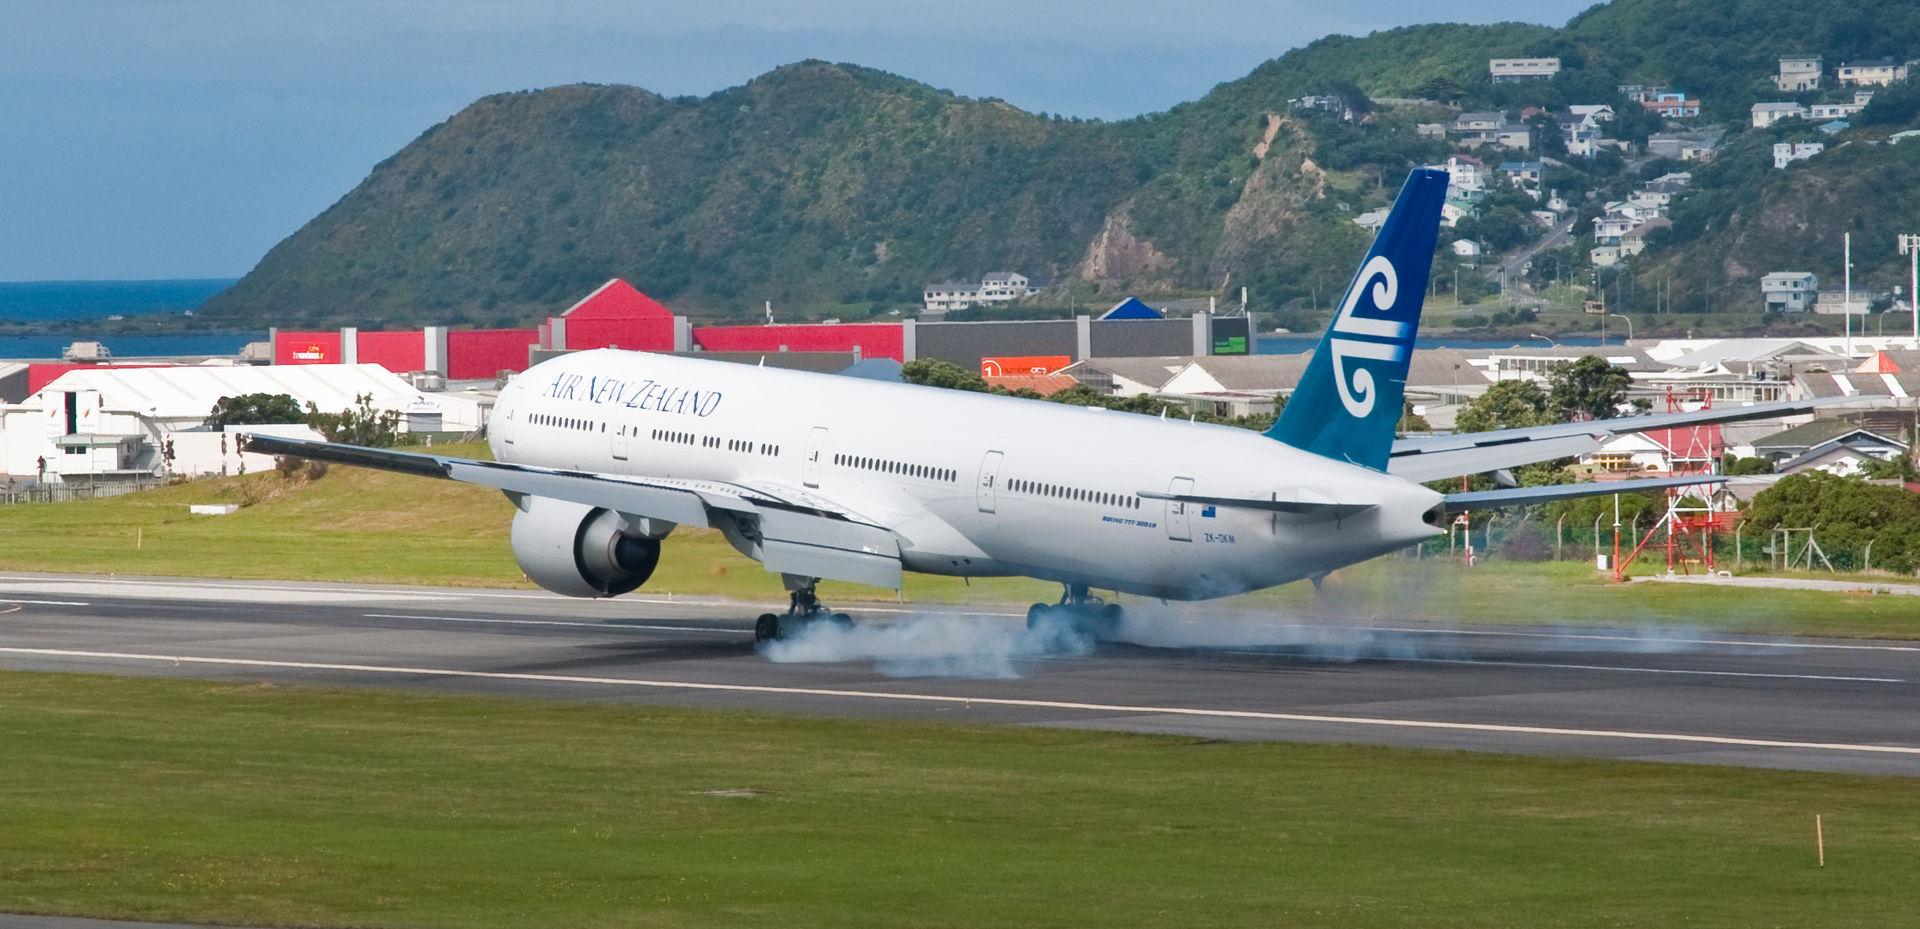 1920px-Air_New_Zealand_B777-300ER_lands_